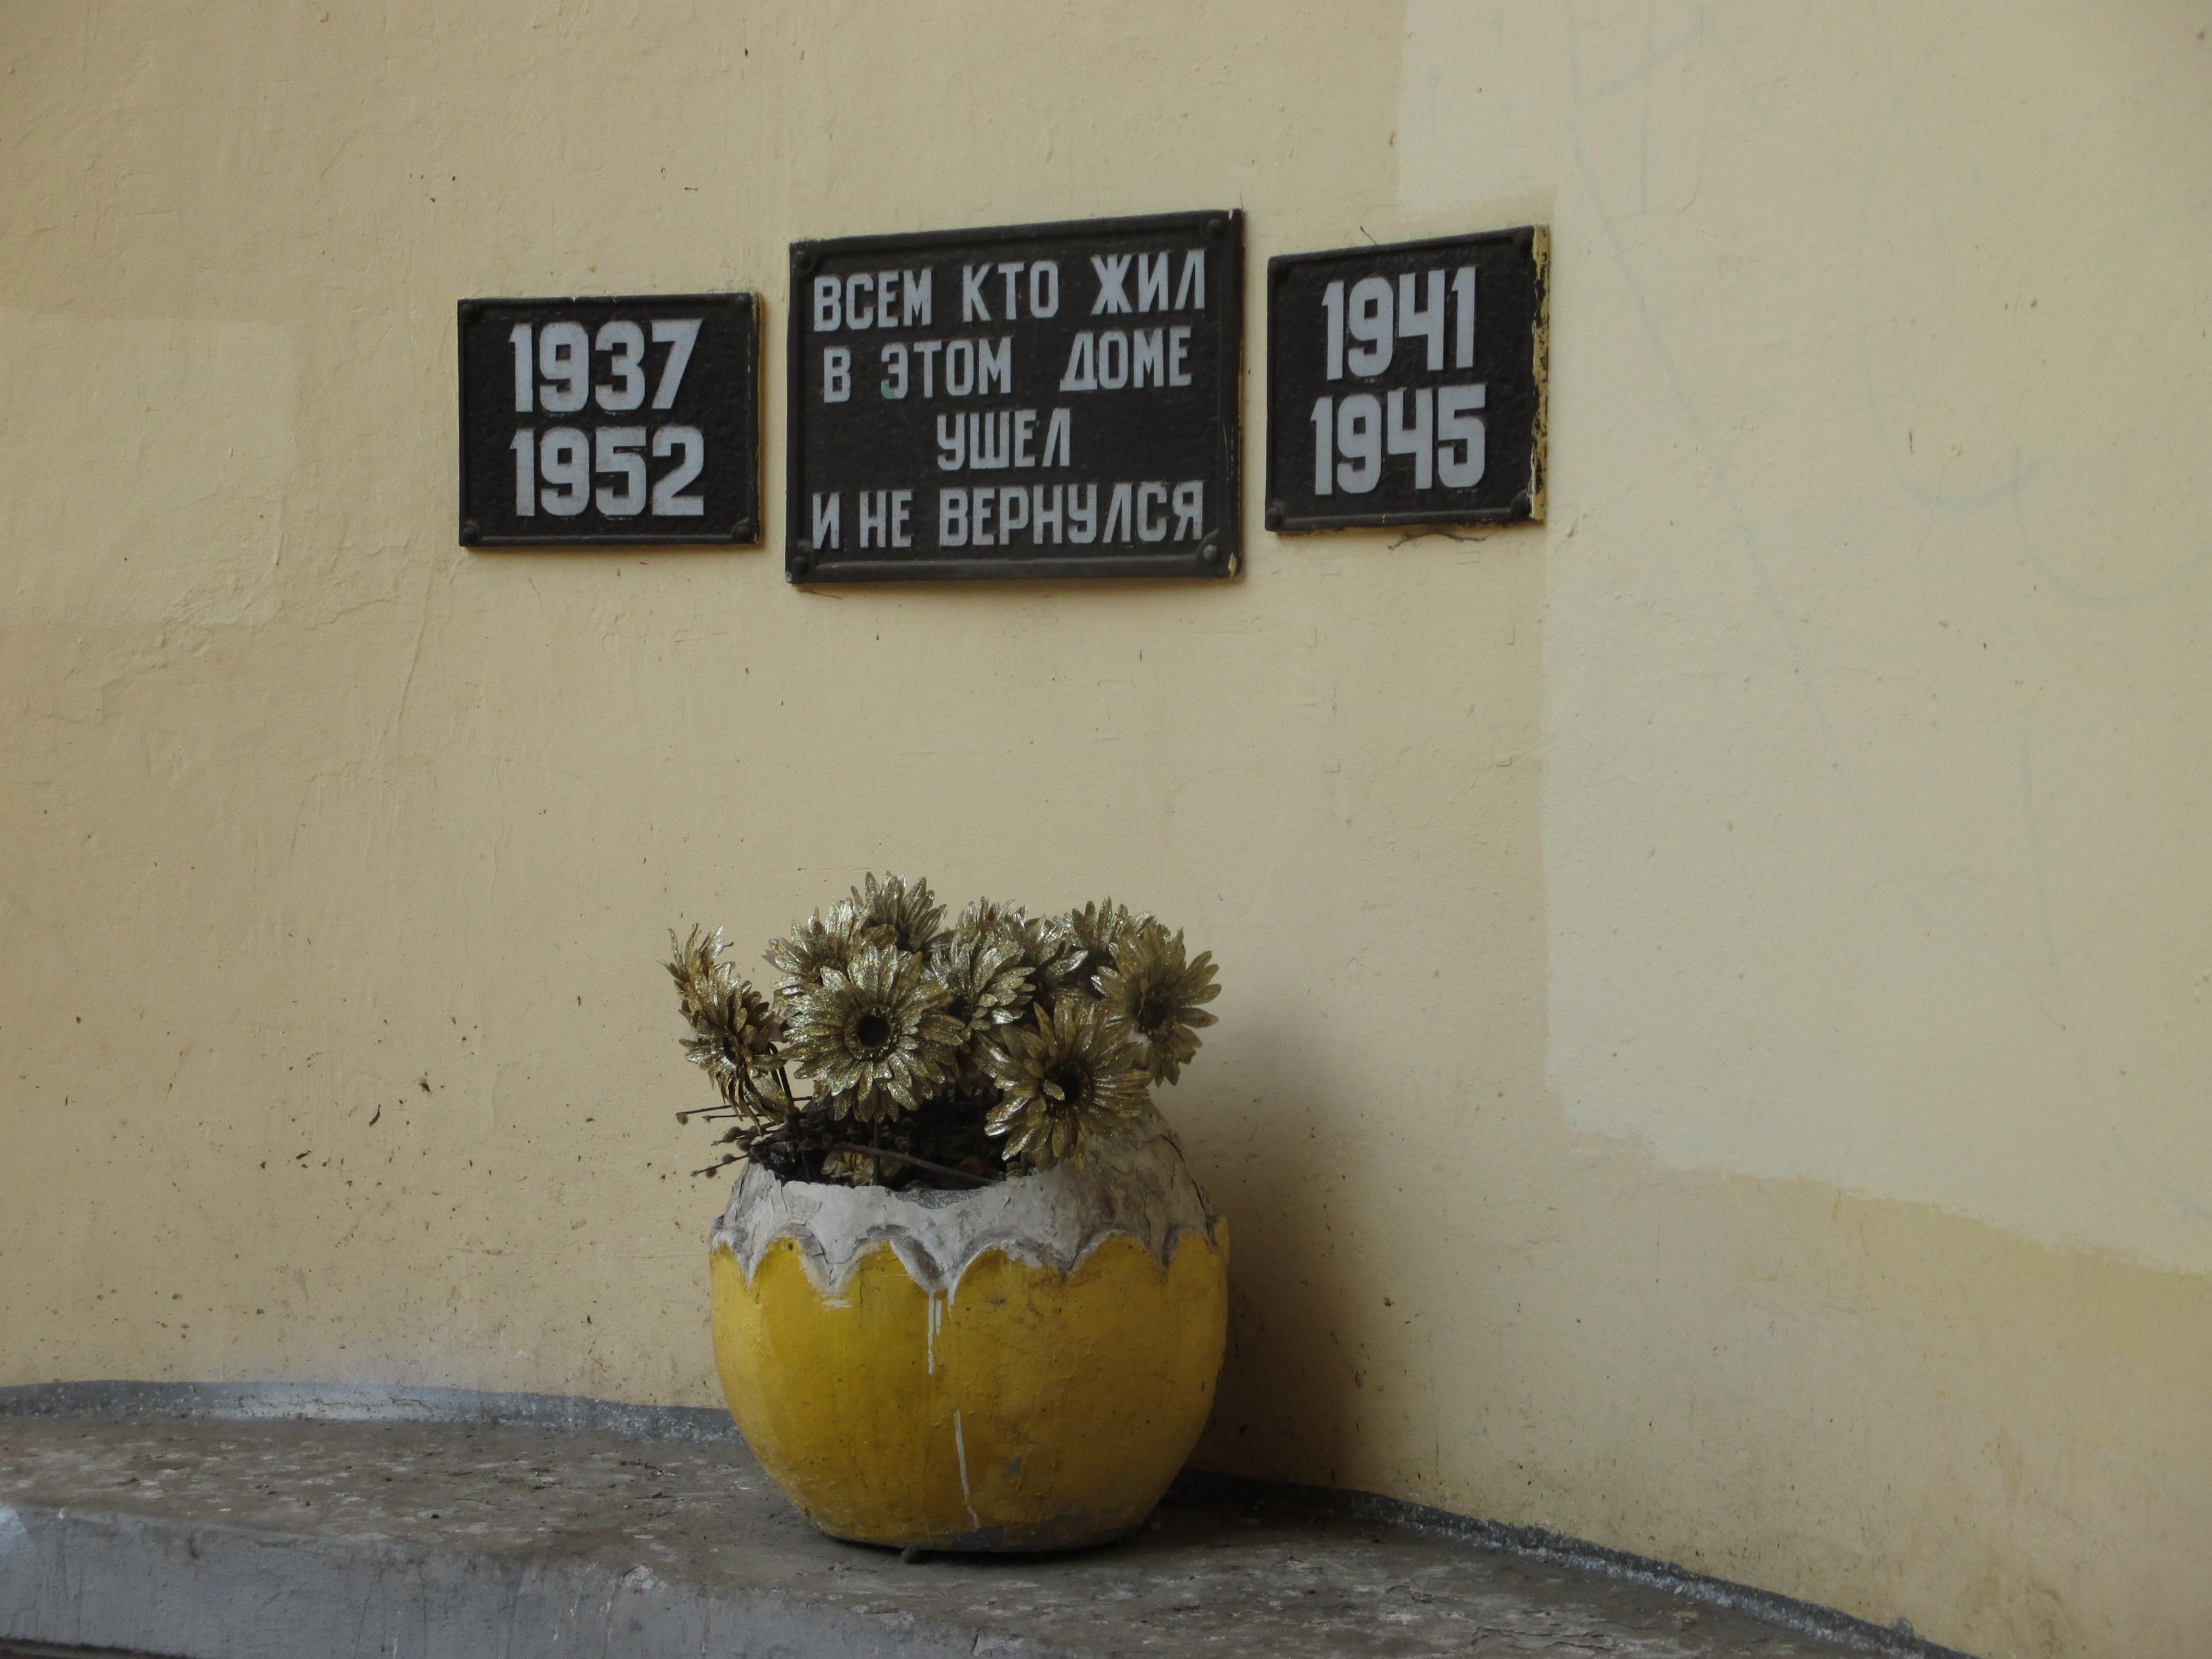 Памятная таблица на Маросейке